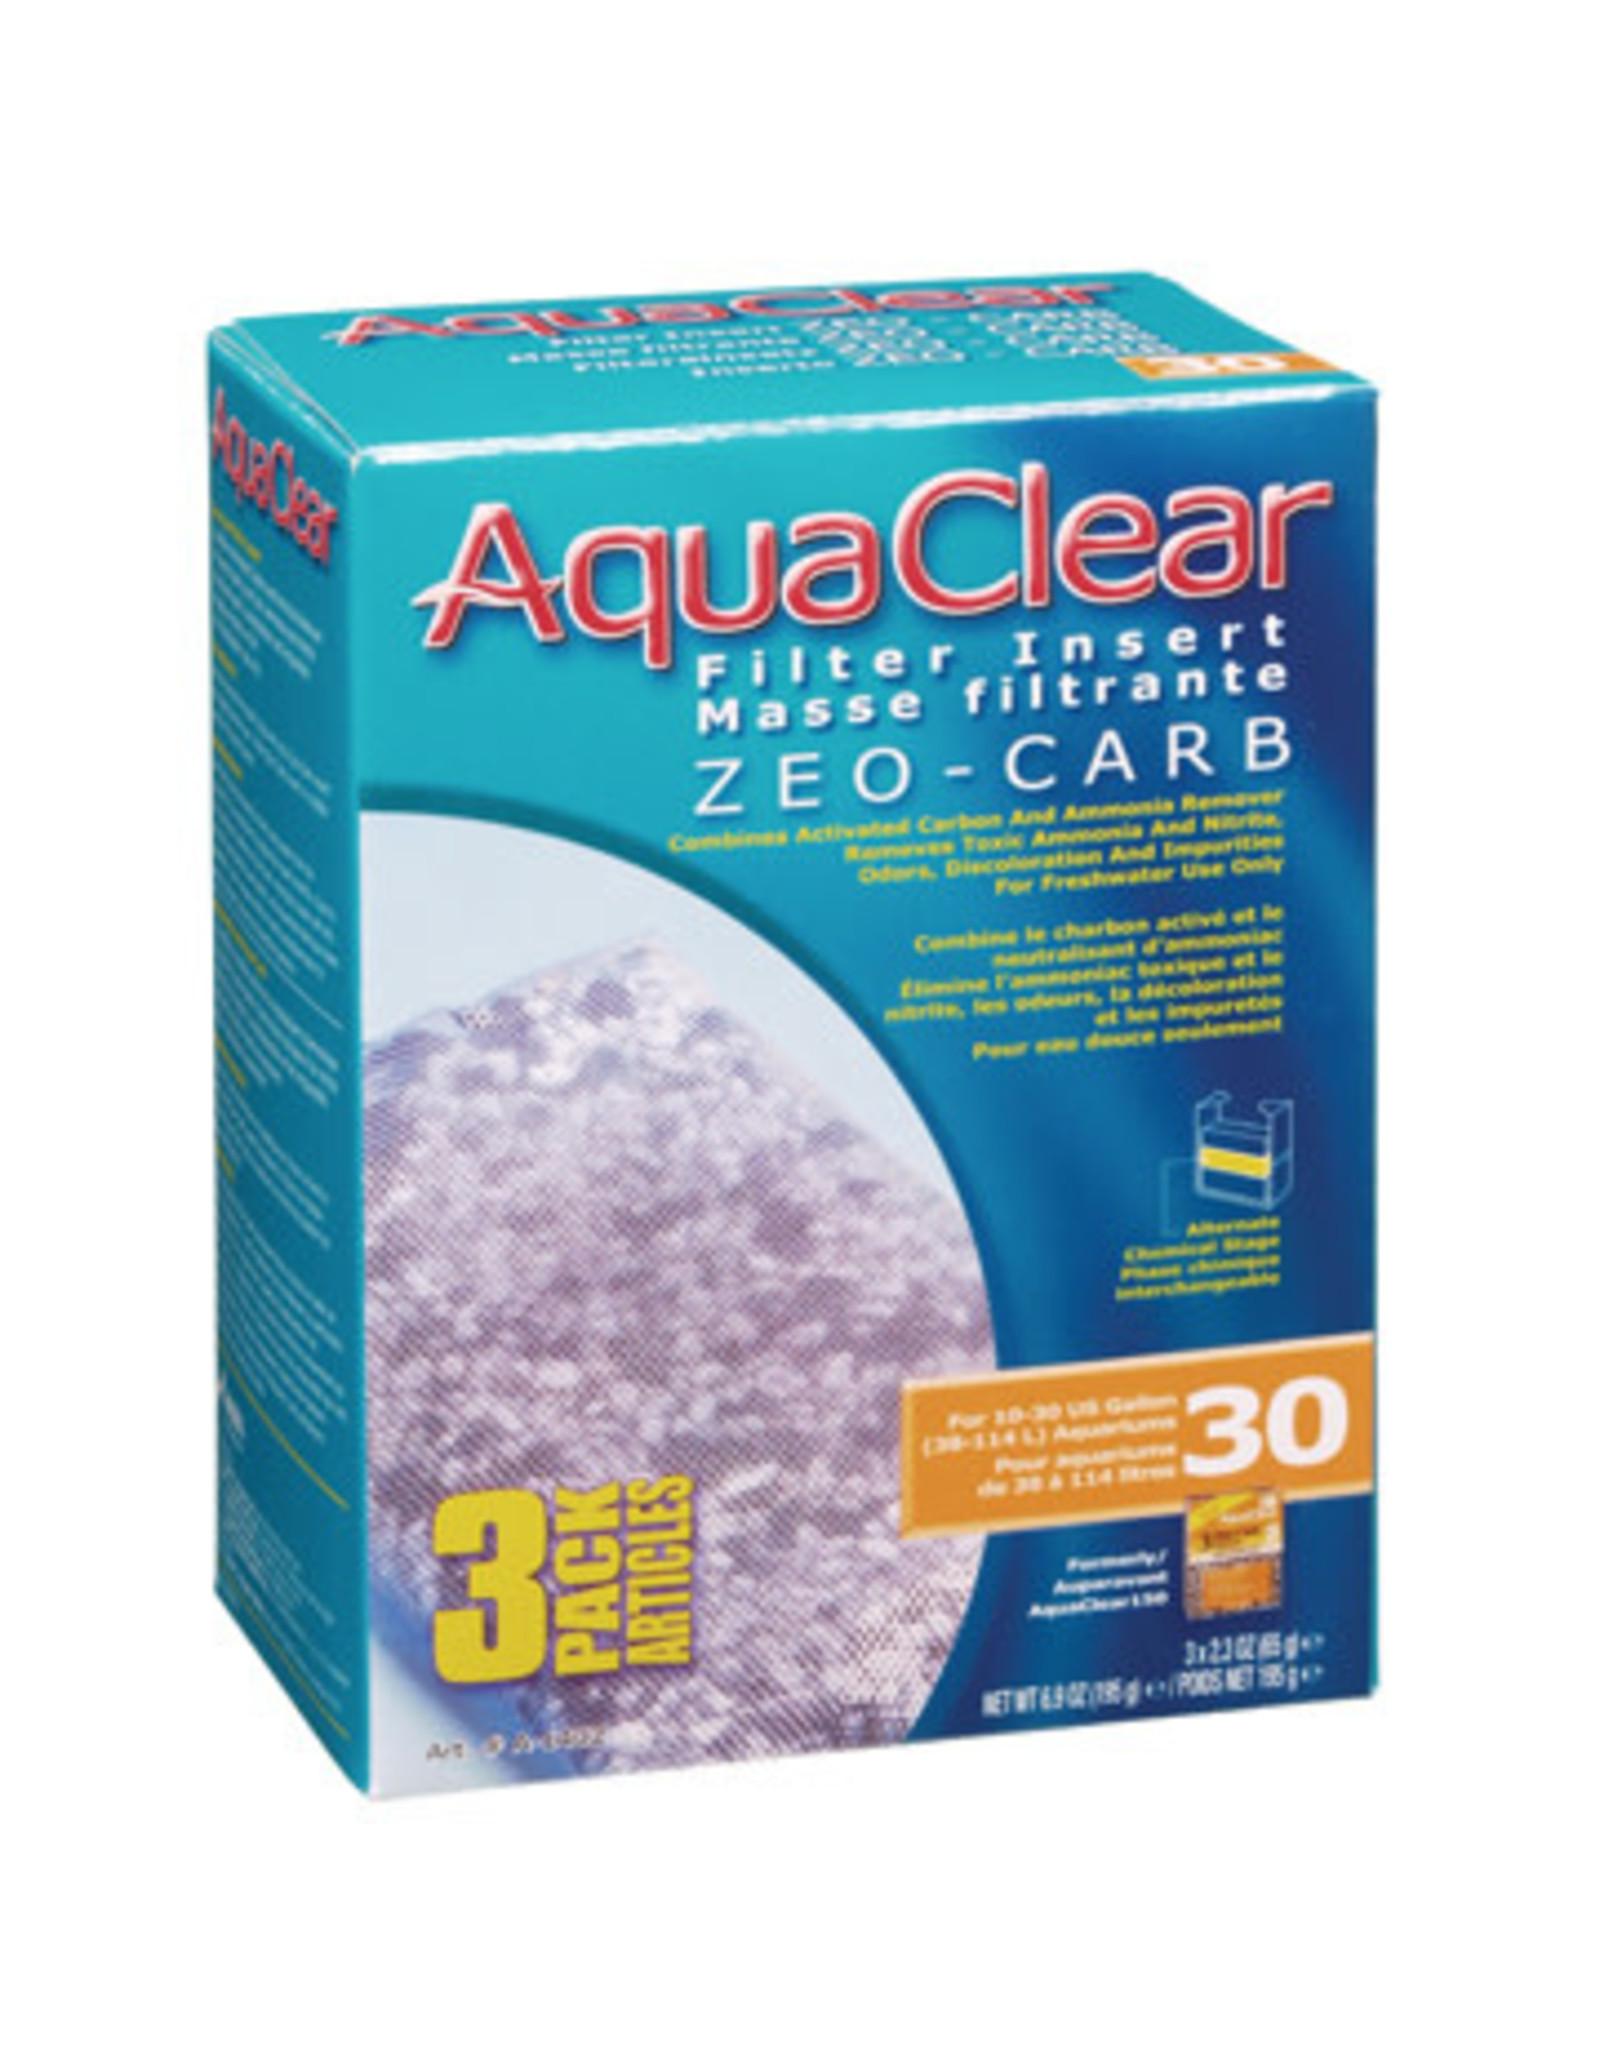 AquaClear AquaClear 30 Zeo-Carb Filter insert 3 Pack 195g